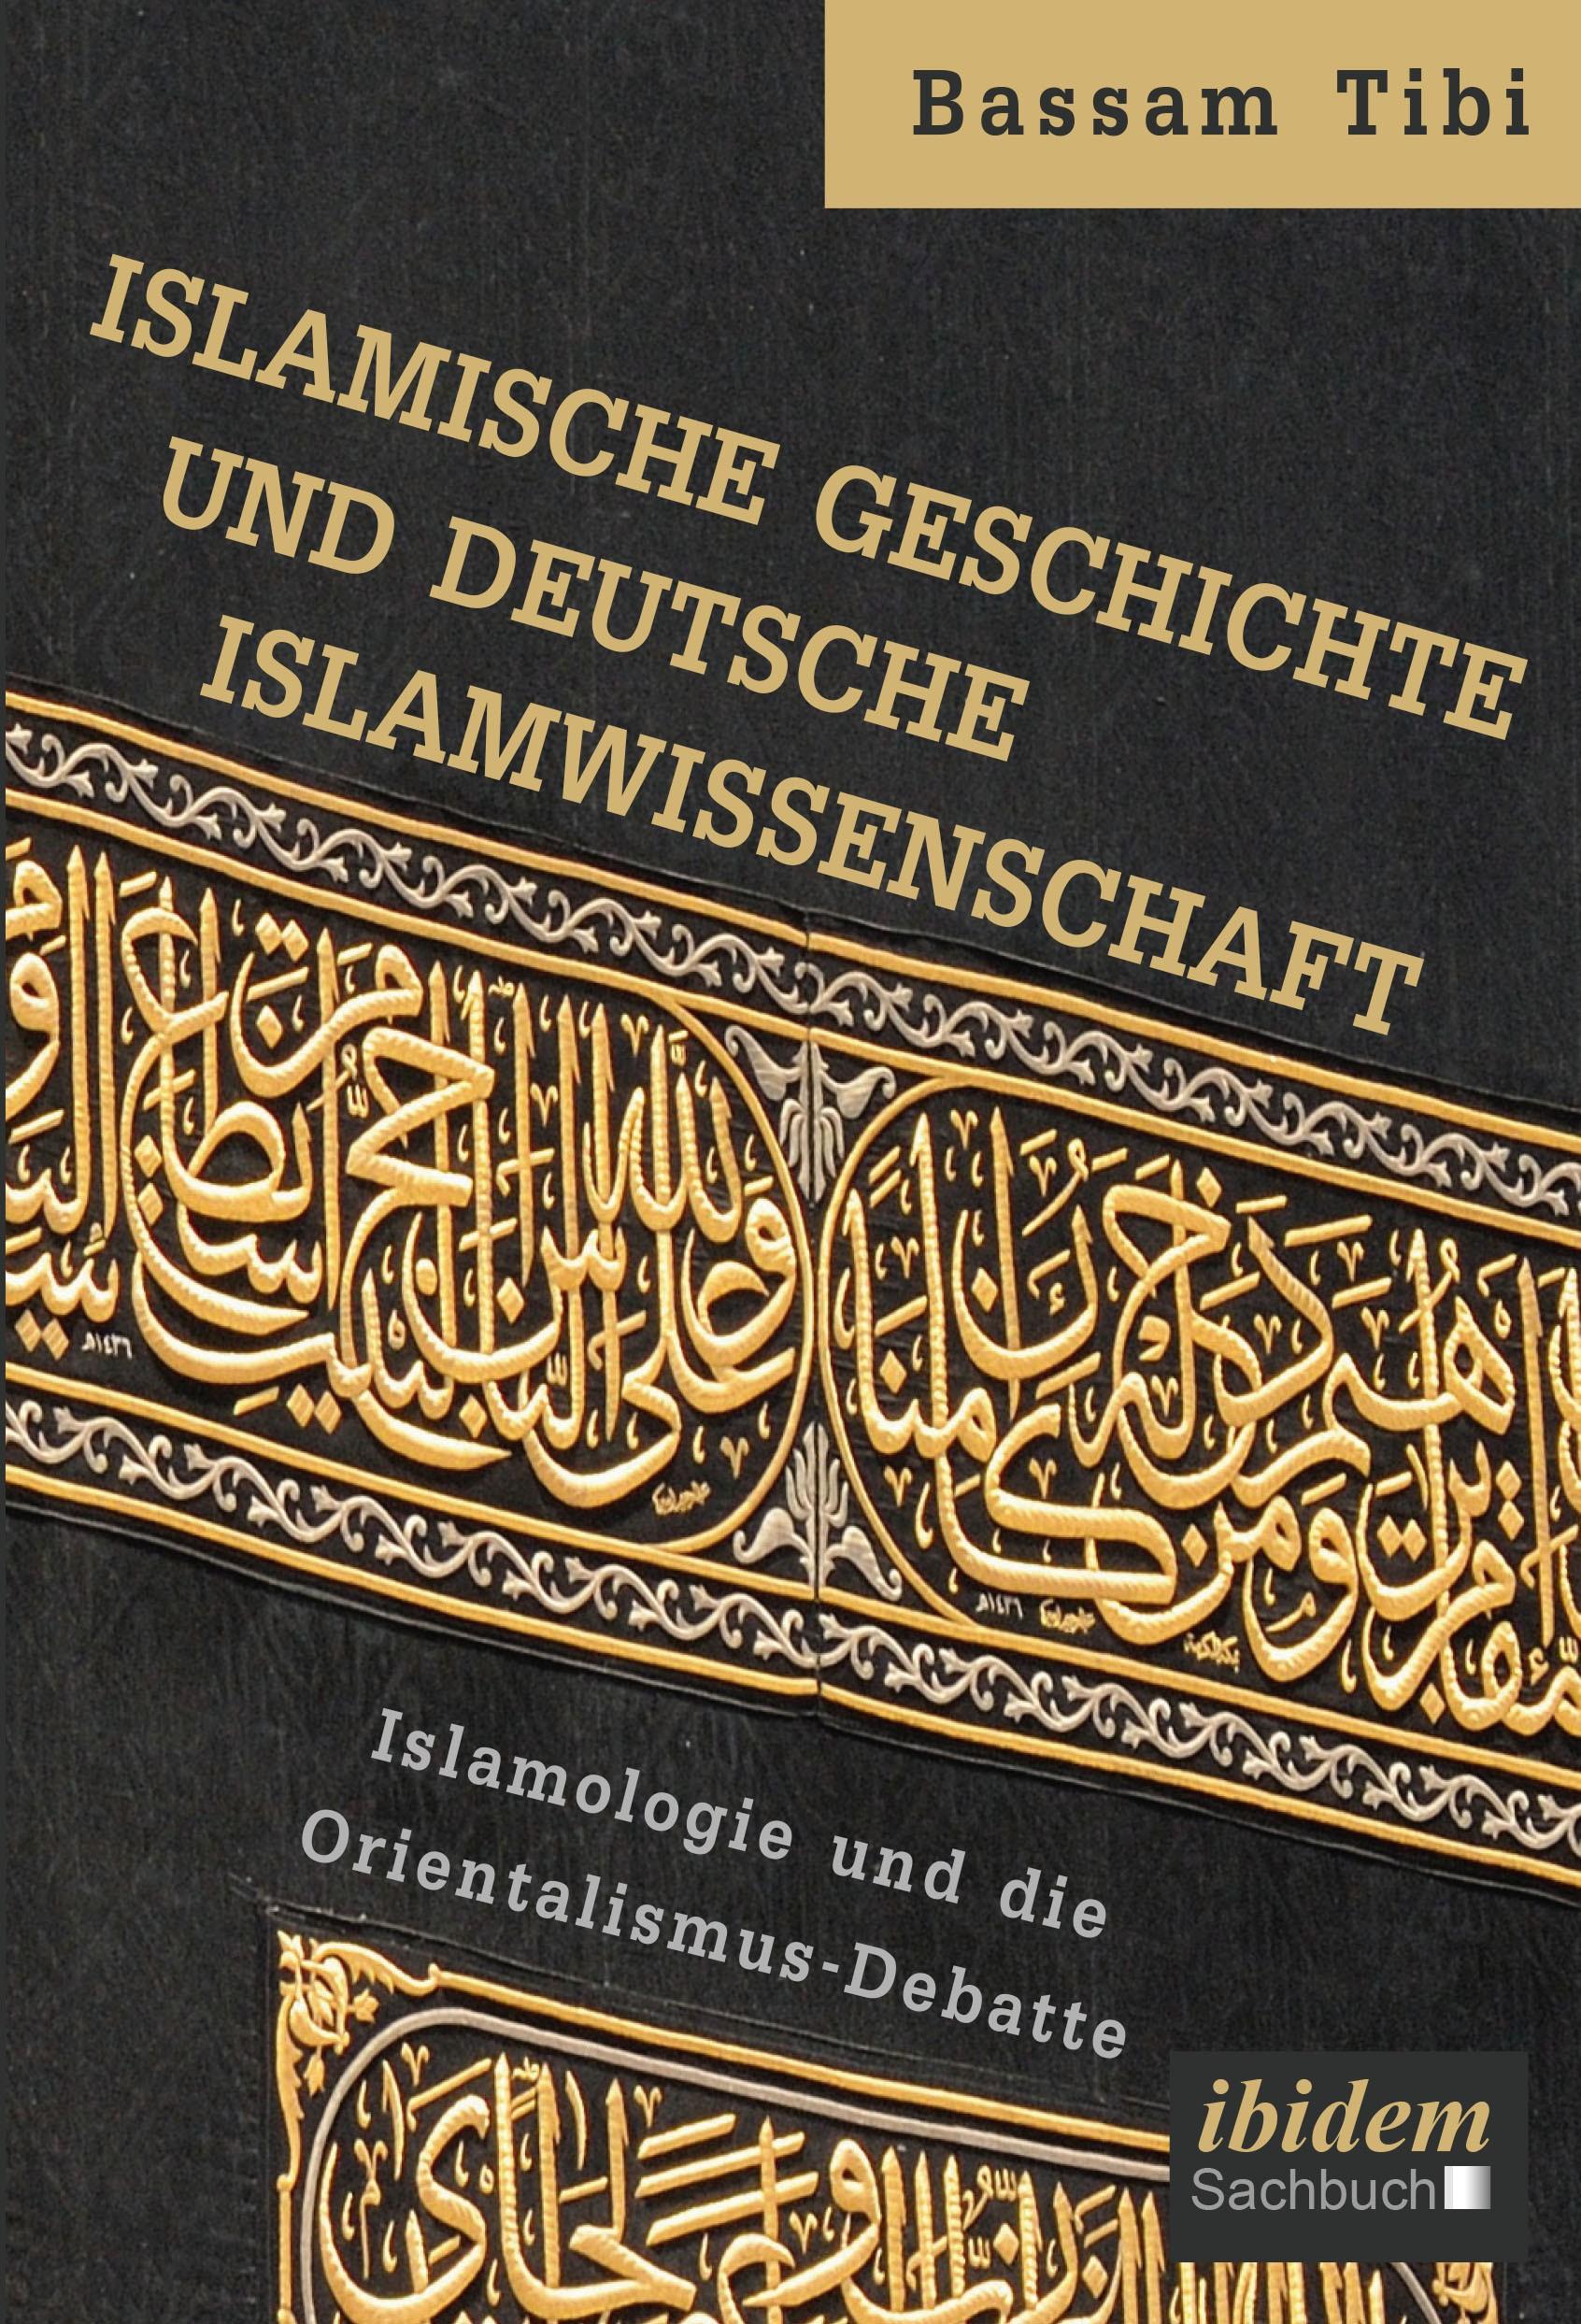 Islamische Geschichte und deutsche Islamwissenschaft